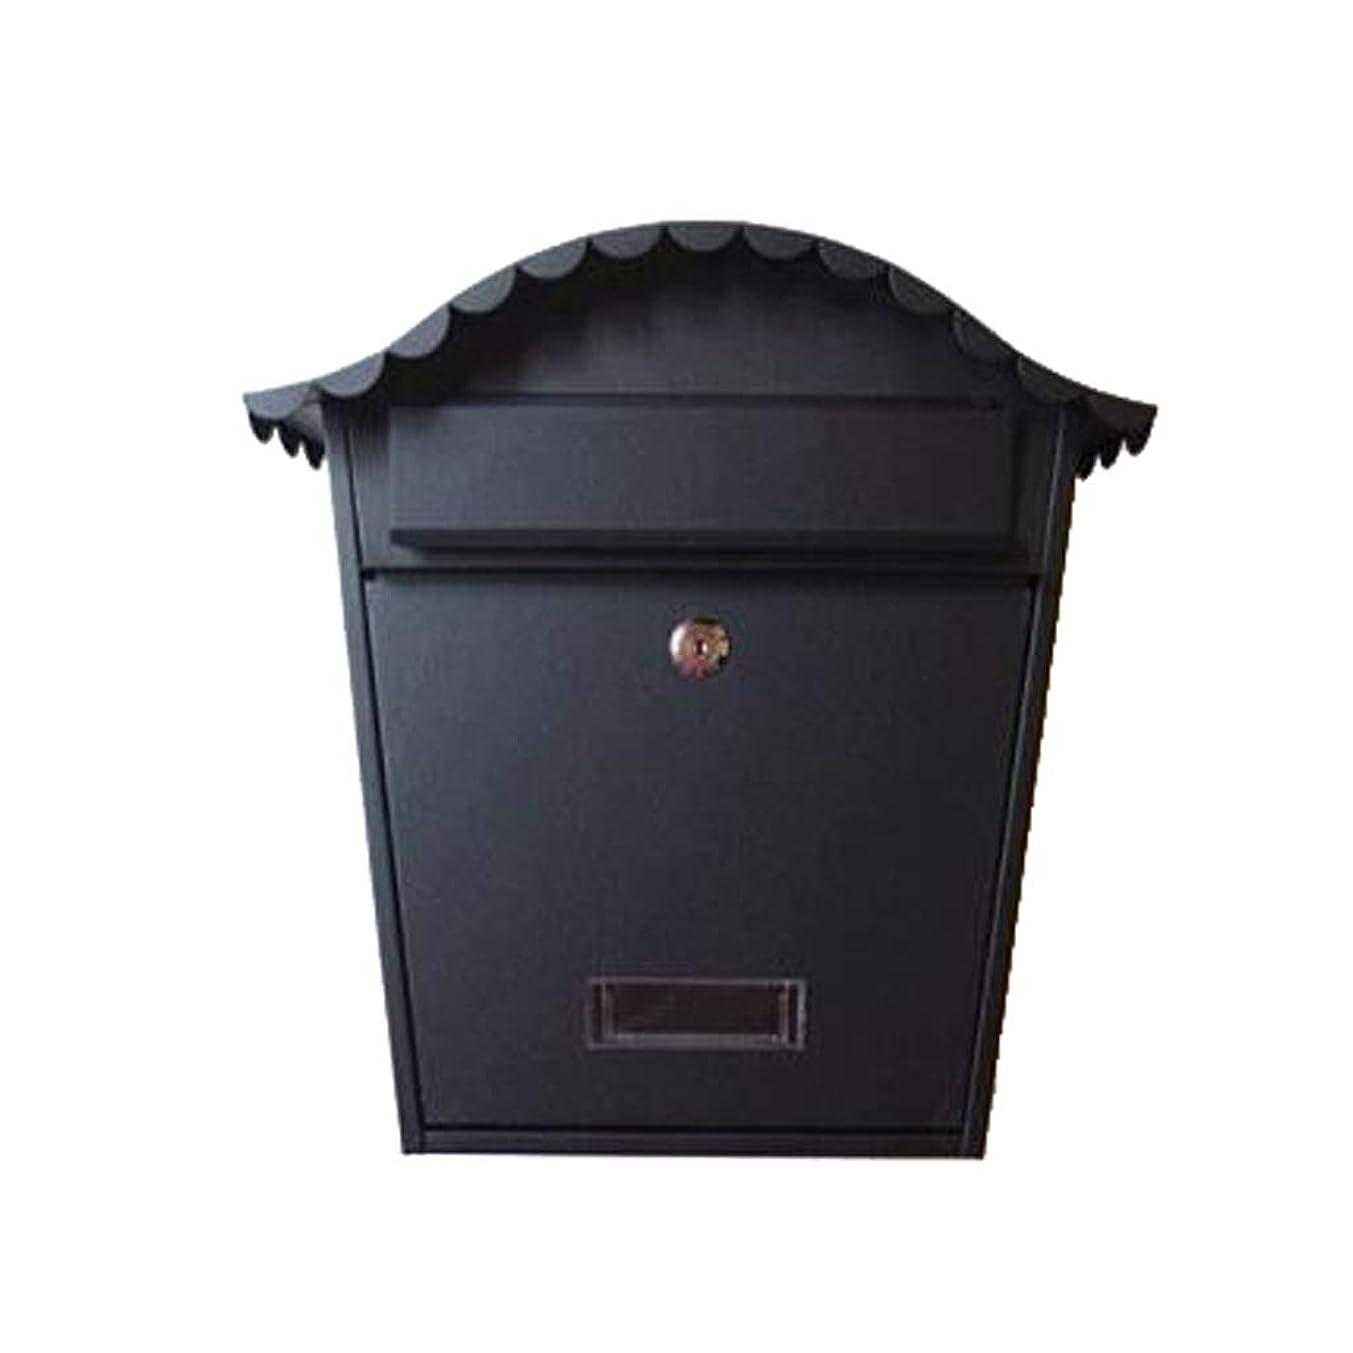 きしむギャラントリー持つZXPzZ ウォールマウント型メールボックス、レターボックス、ガーデンレターボックス -メール収集 (色 : ブラック)